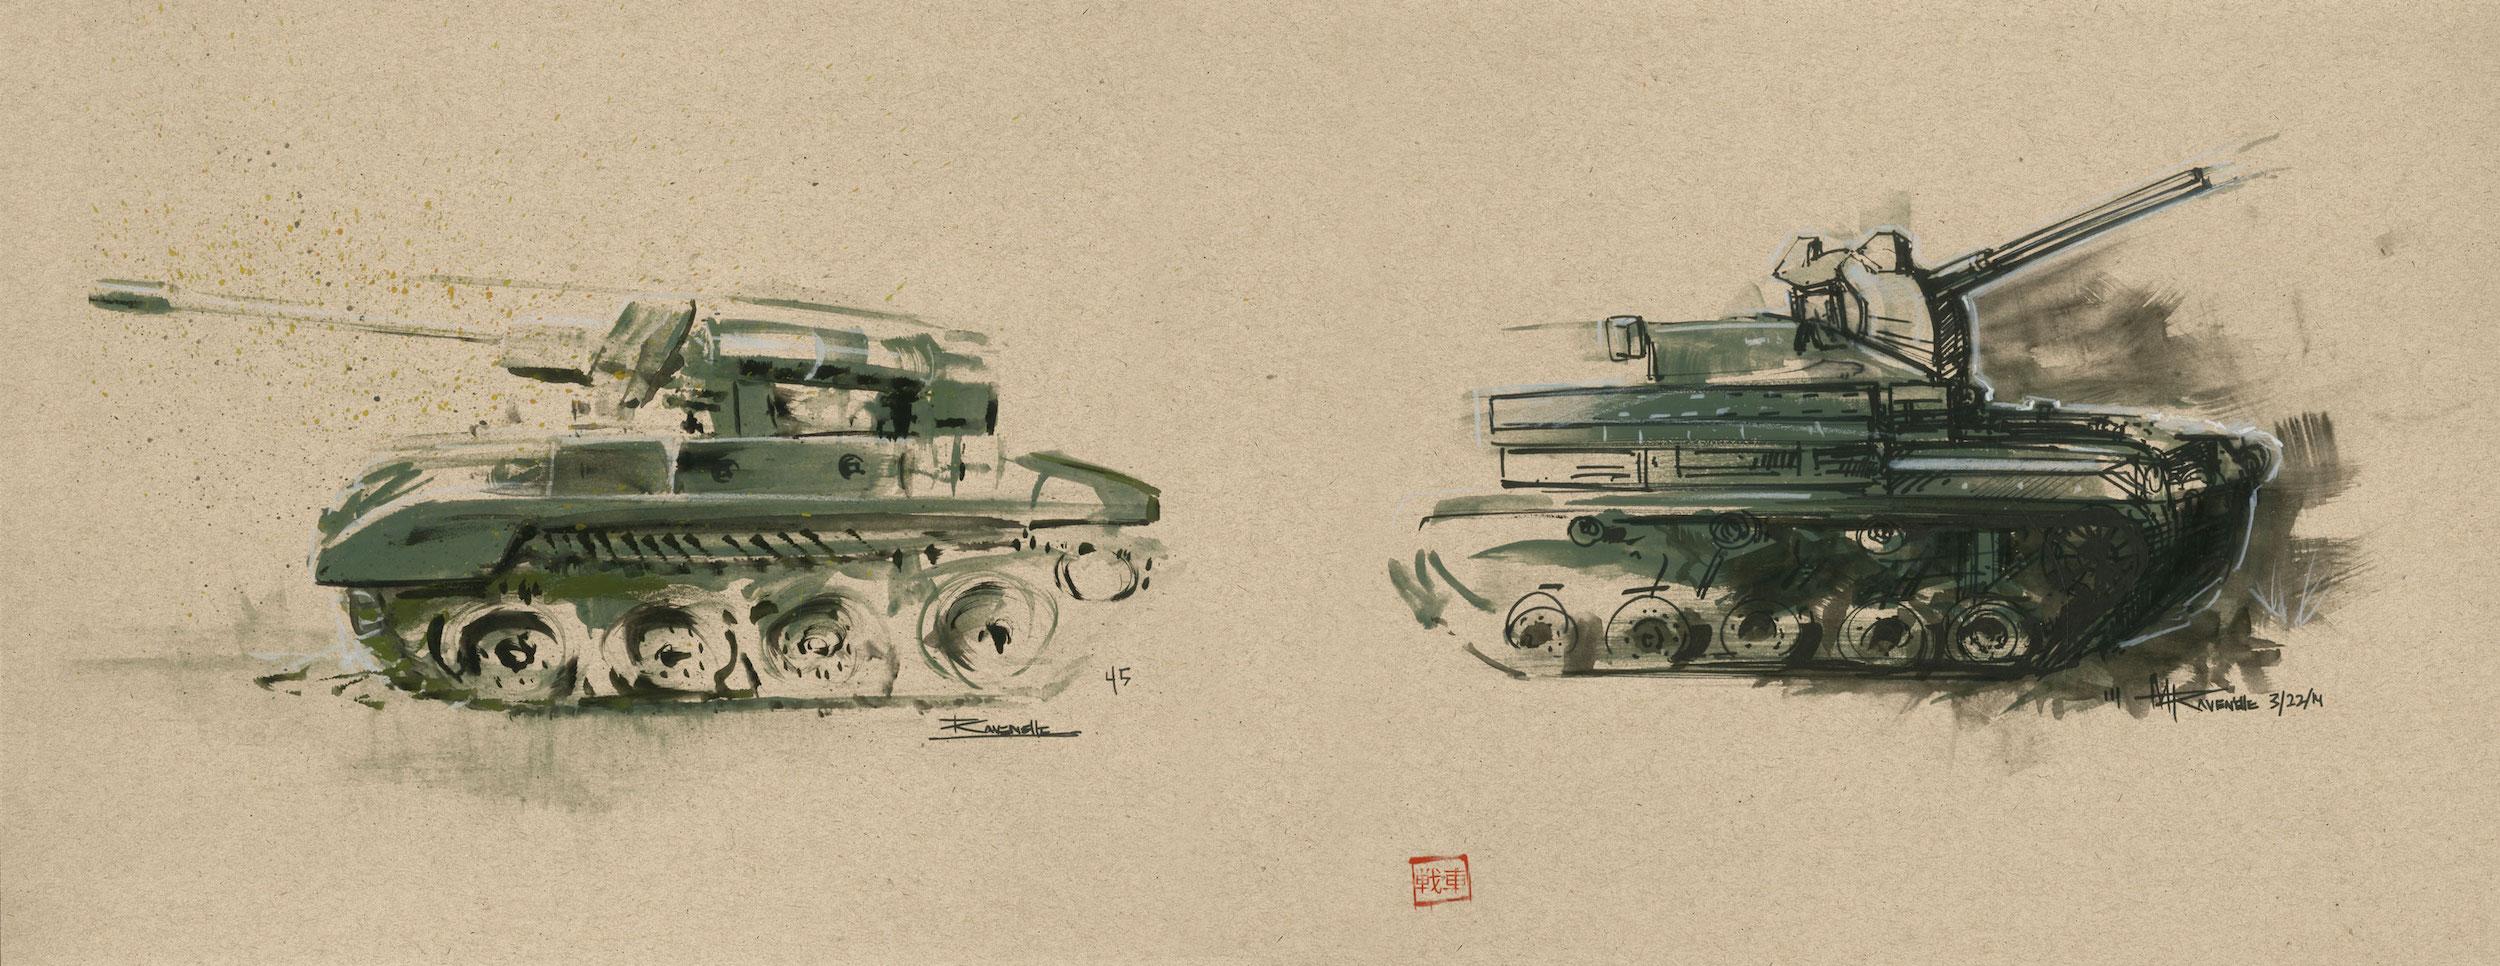 tank-4.jpg